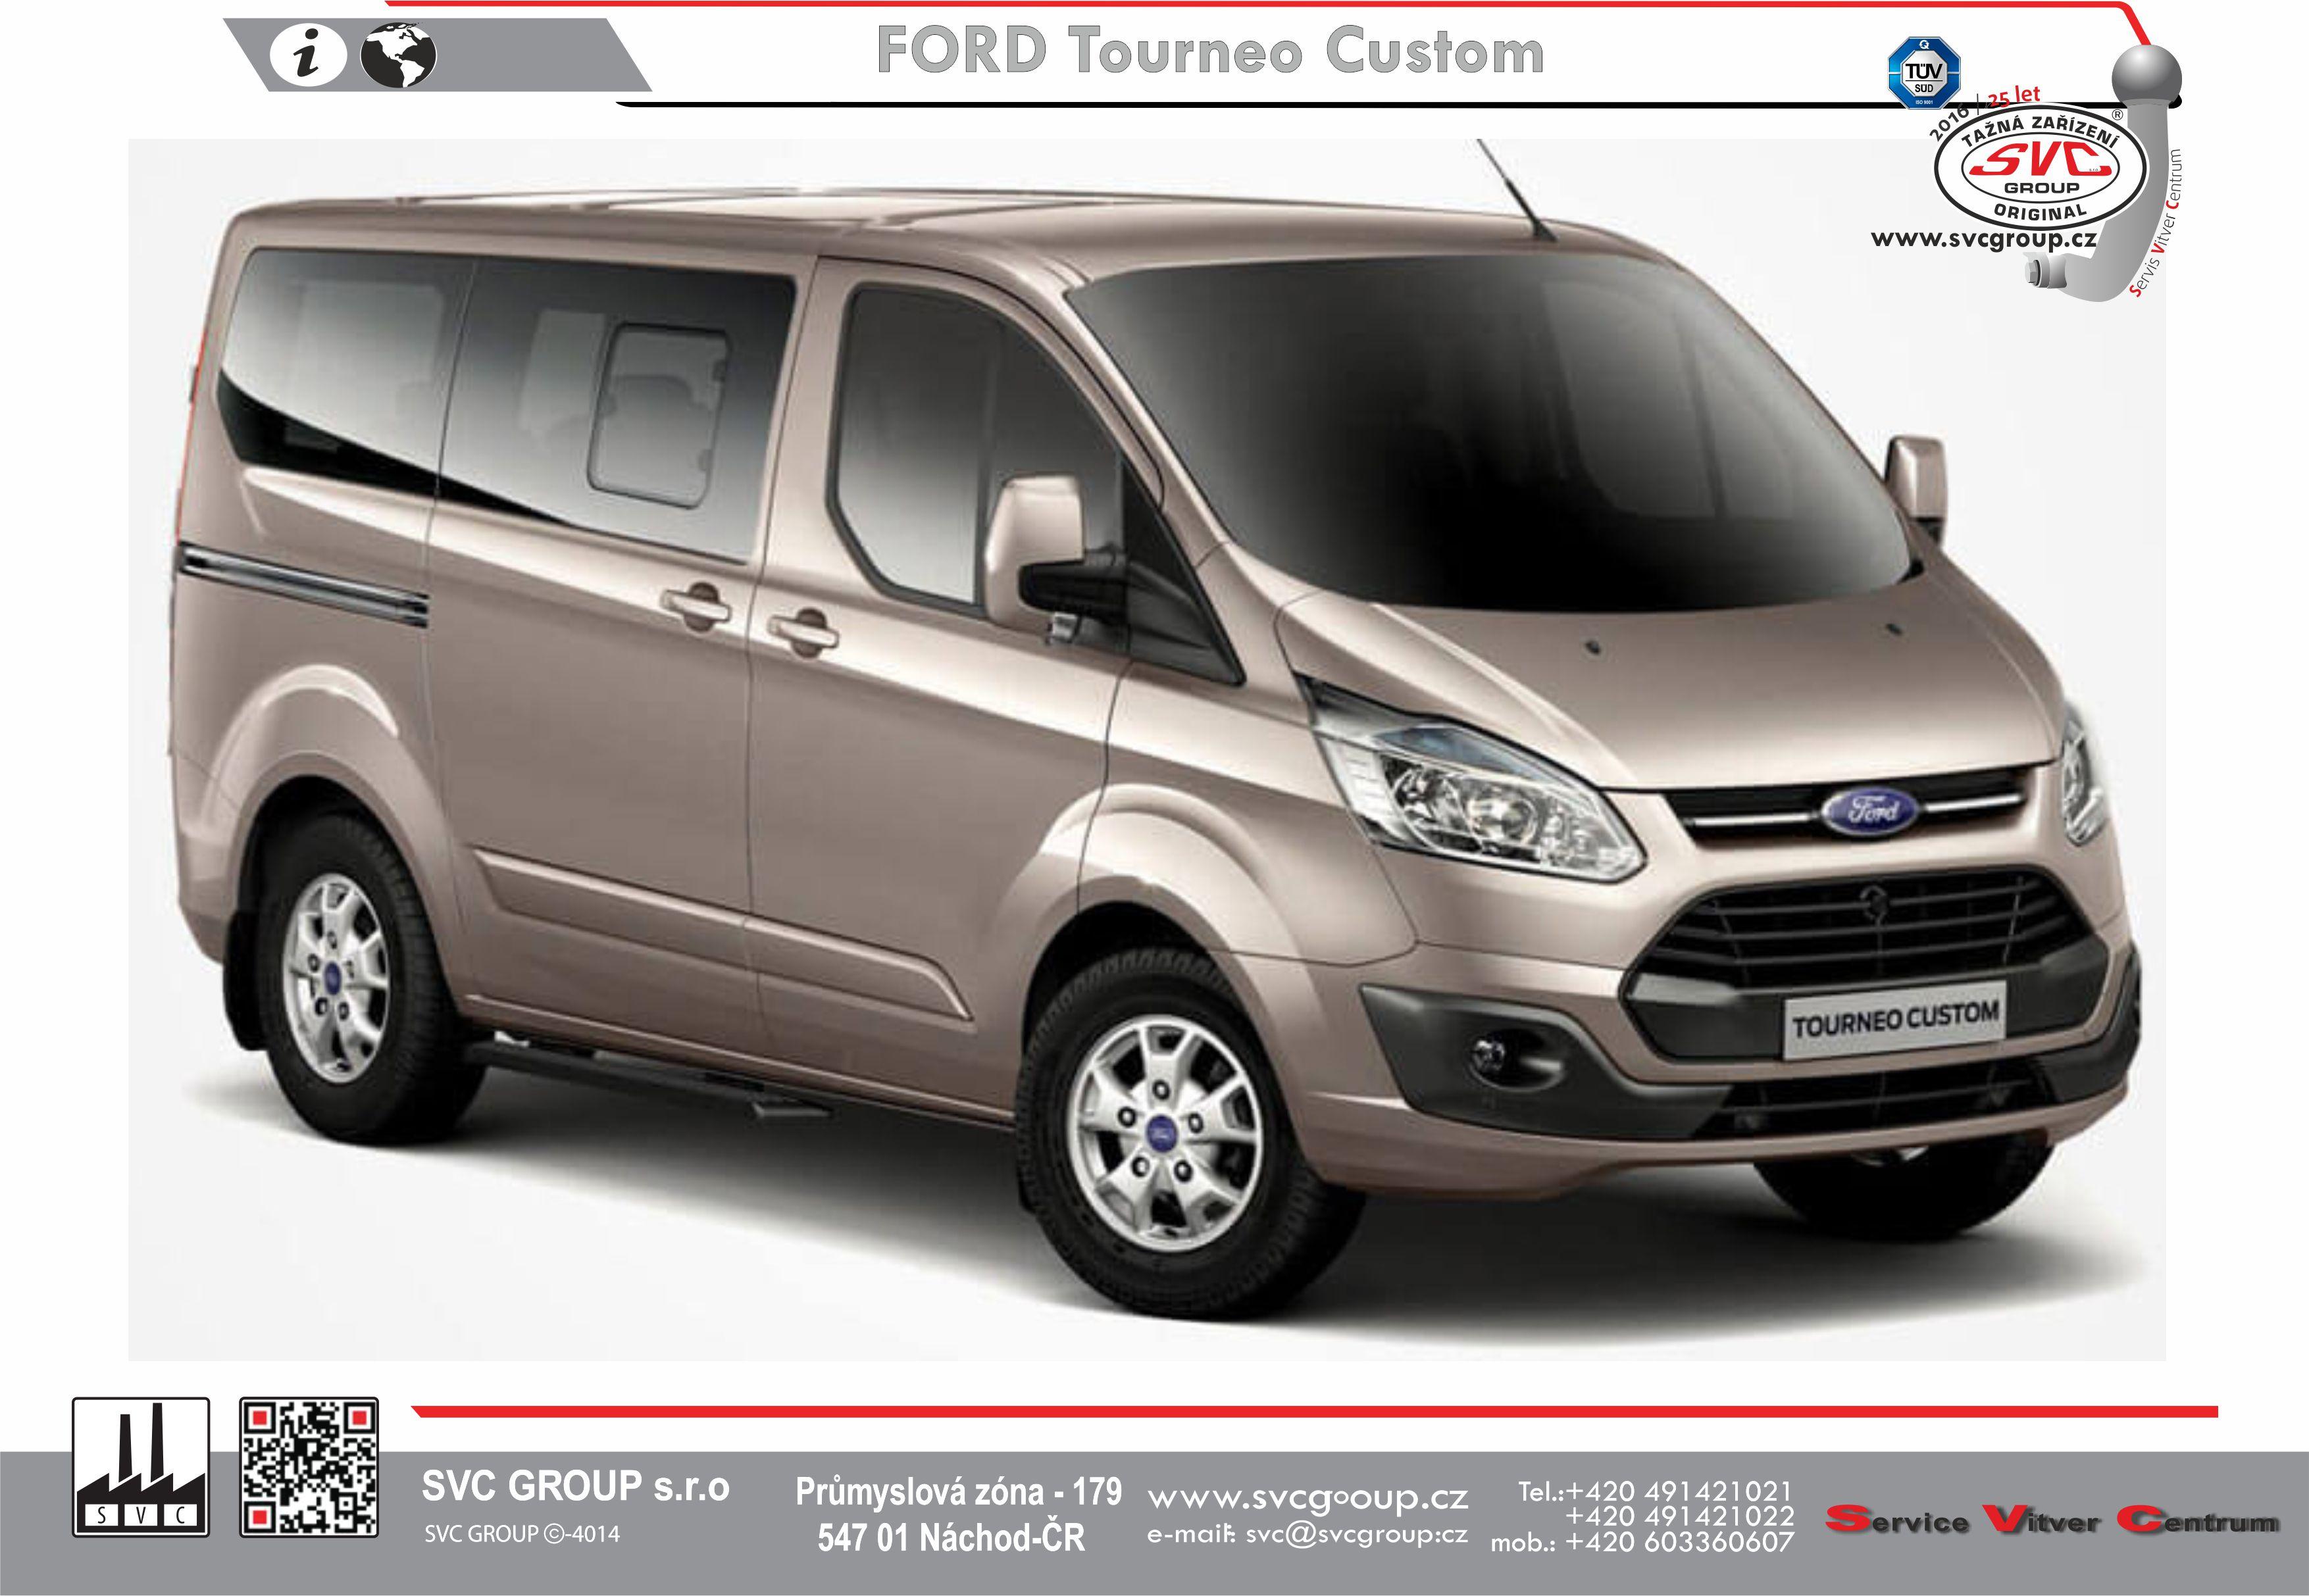 Ford Tourneo Custon